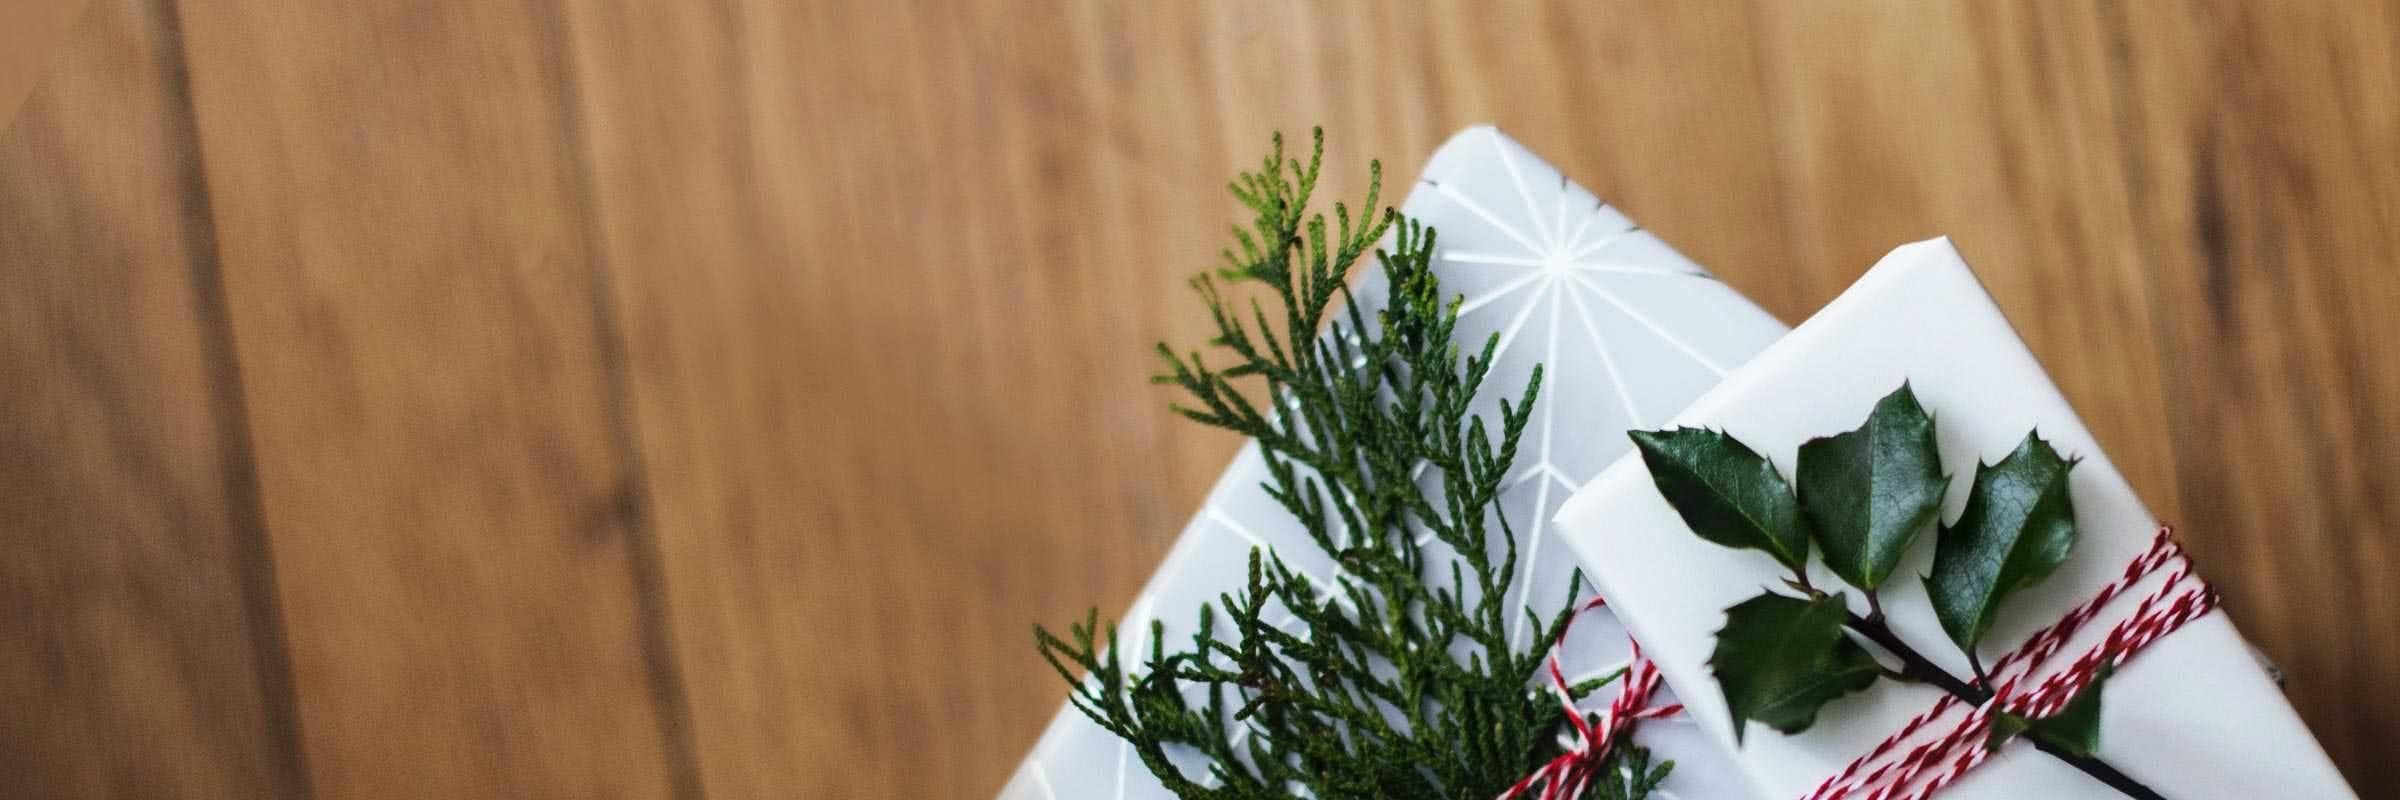 Nos 10 meilleures idées cadeaux à moins de 100$